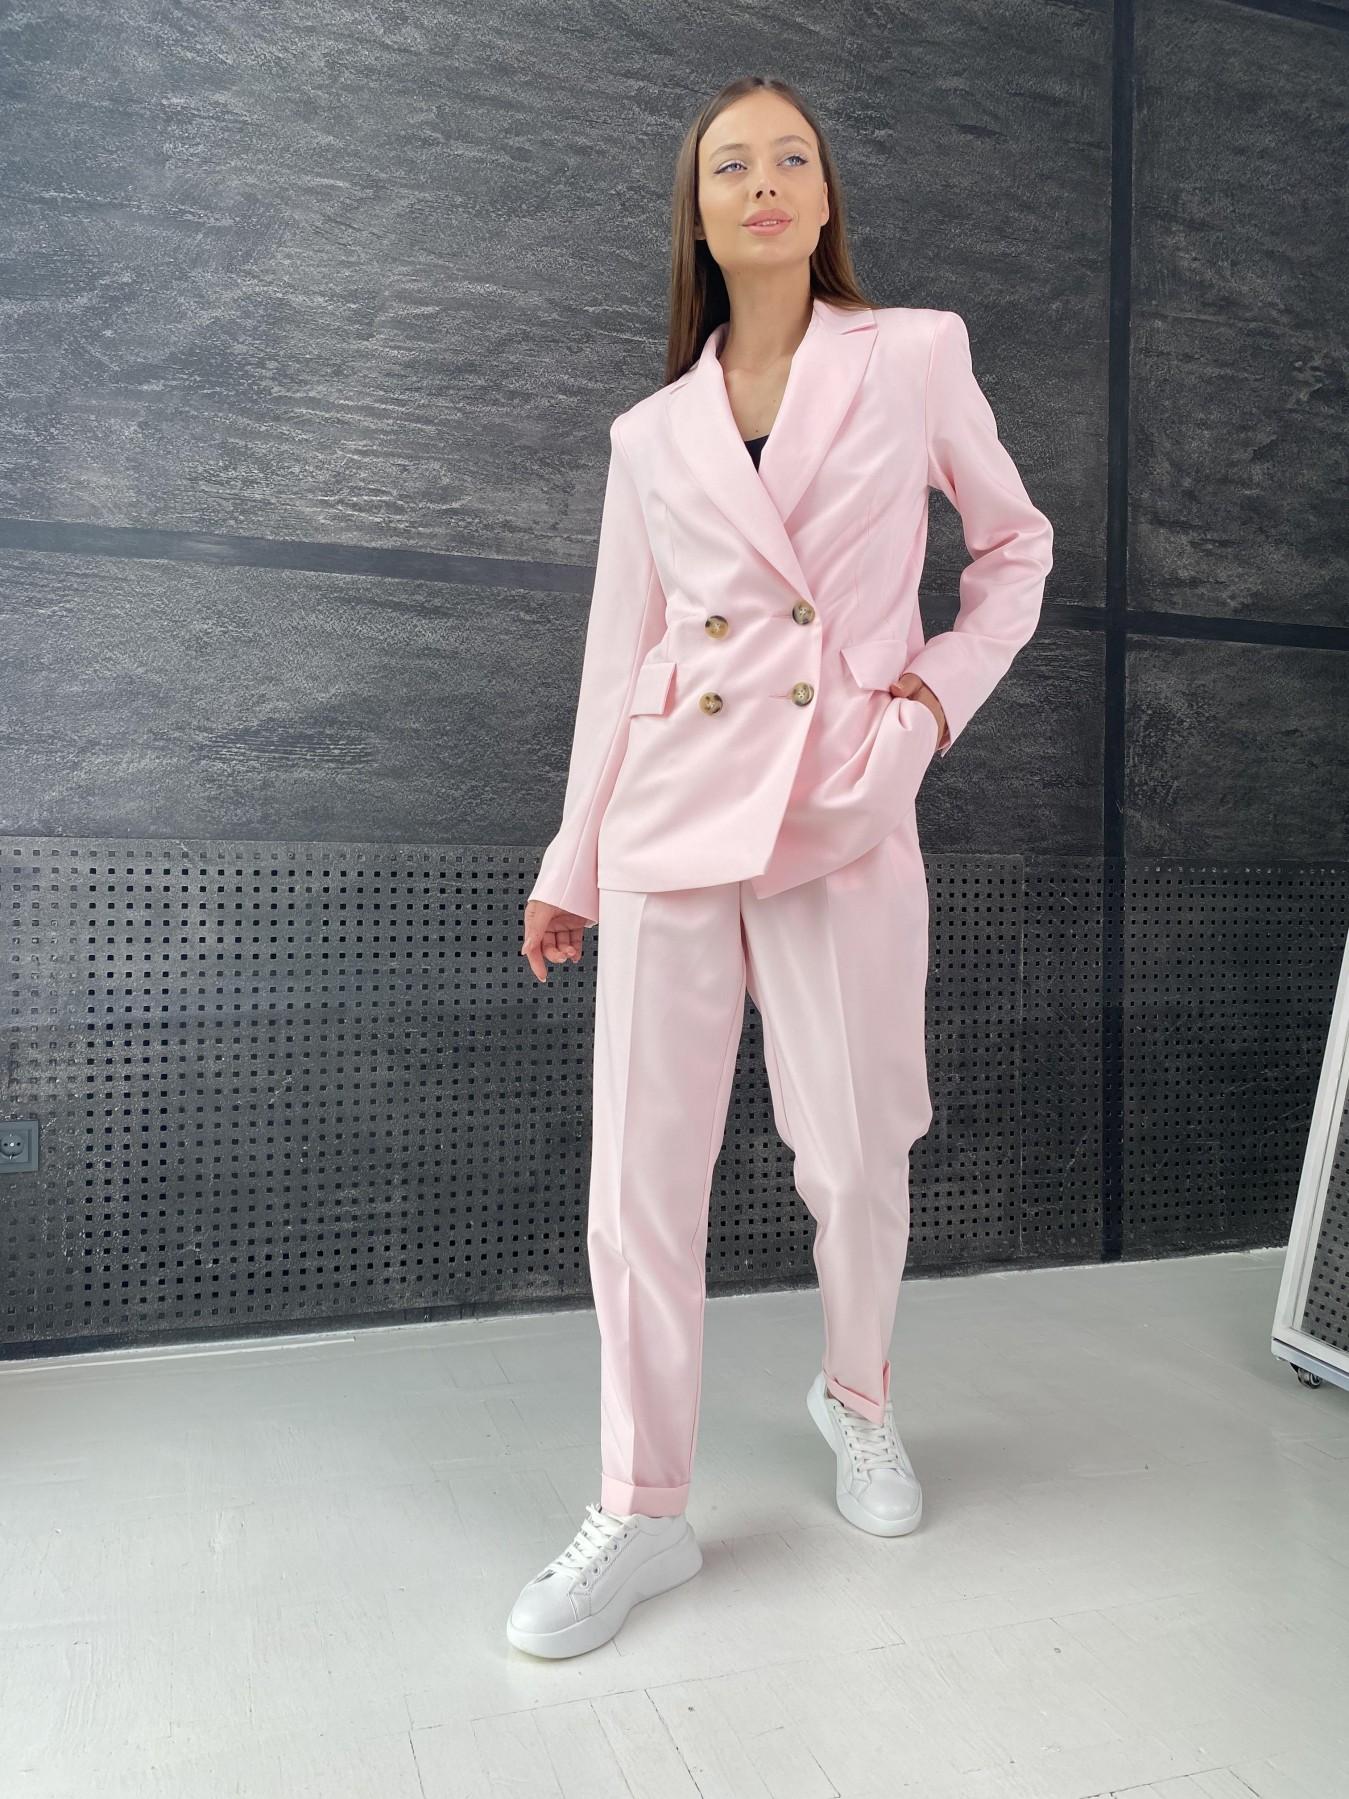 Франко костюм стрейчевый из костюмной ткани 11090 АРТ. 47977 Цвет: Розовый - фото 2, интернет магазин tm-modus.ru